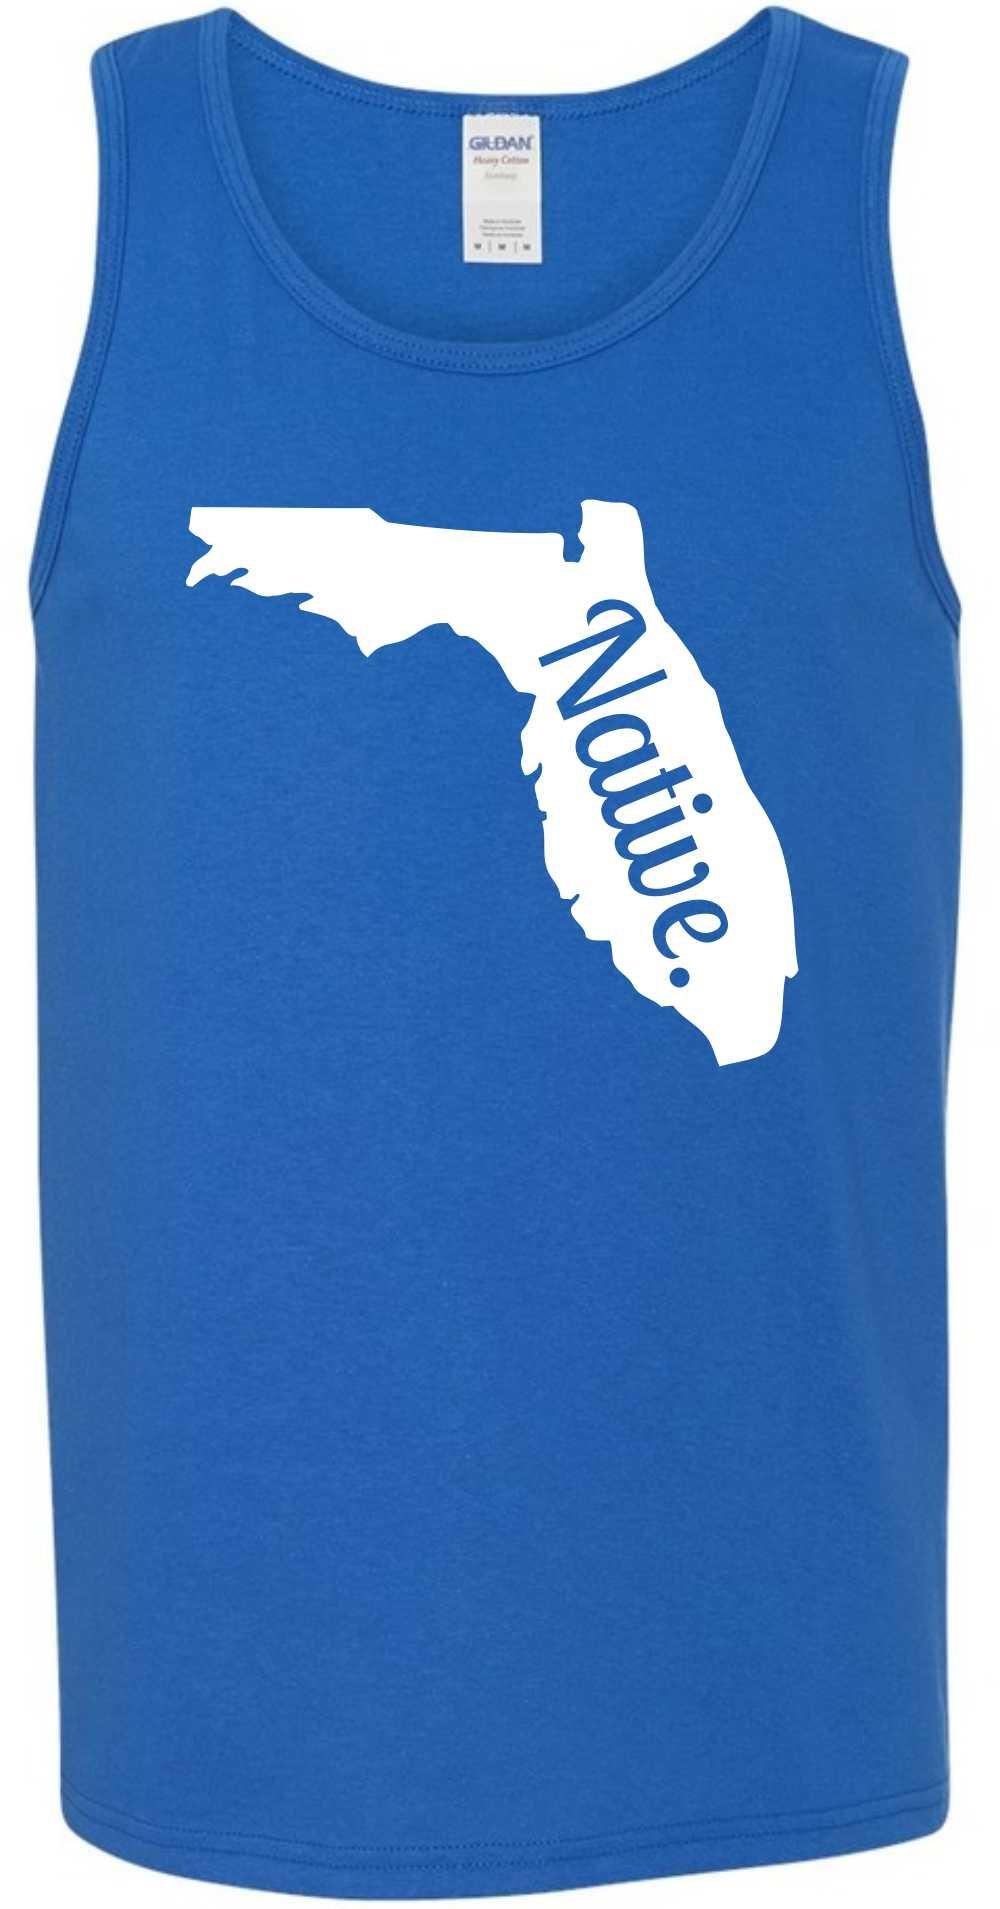 Beach Bum Tees Florida Native Floridian And Tank Top And T Shirt 9236